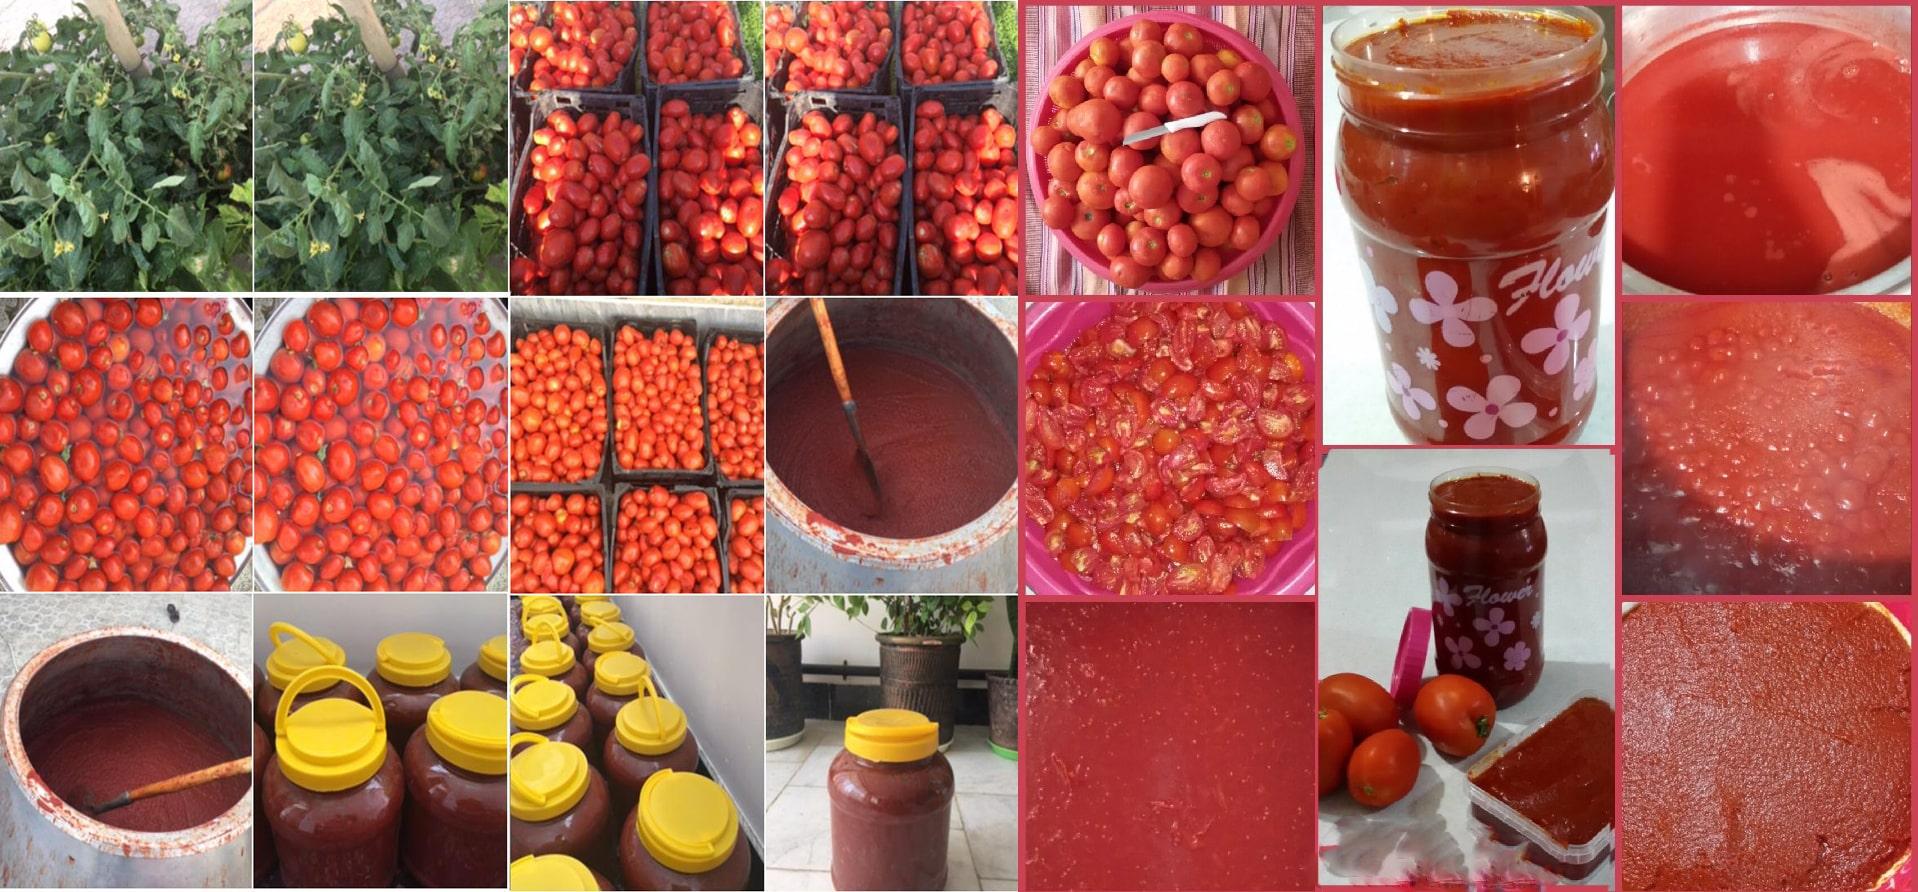 رب گوجه فرنگی سنتی و خانگی ظرفیت 4 کیلو گرمی